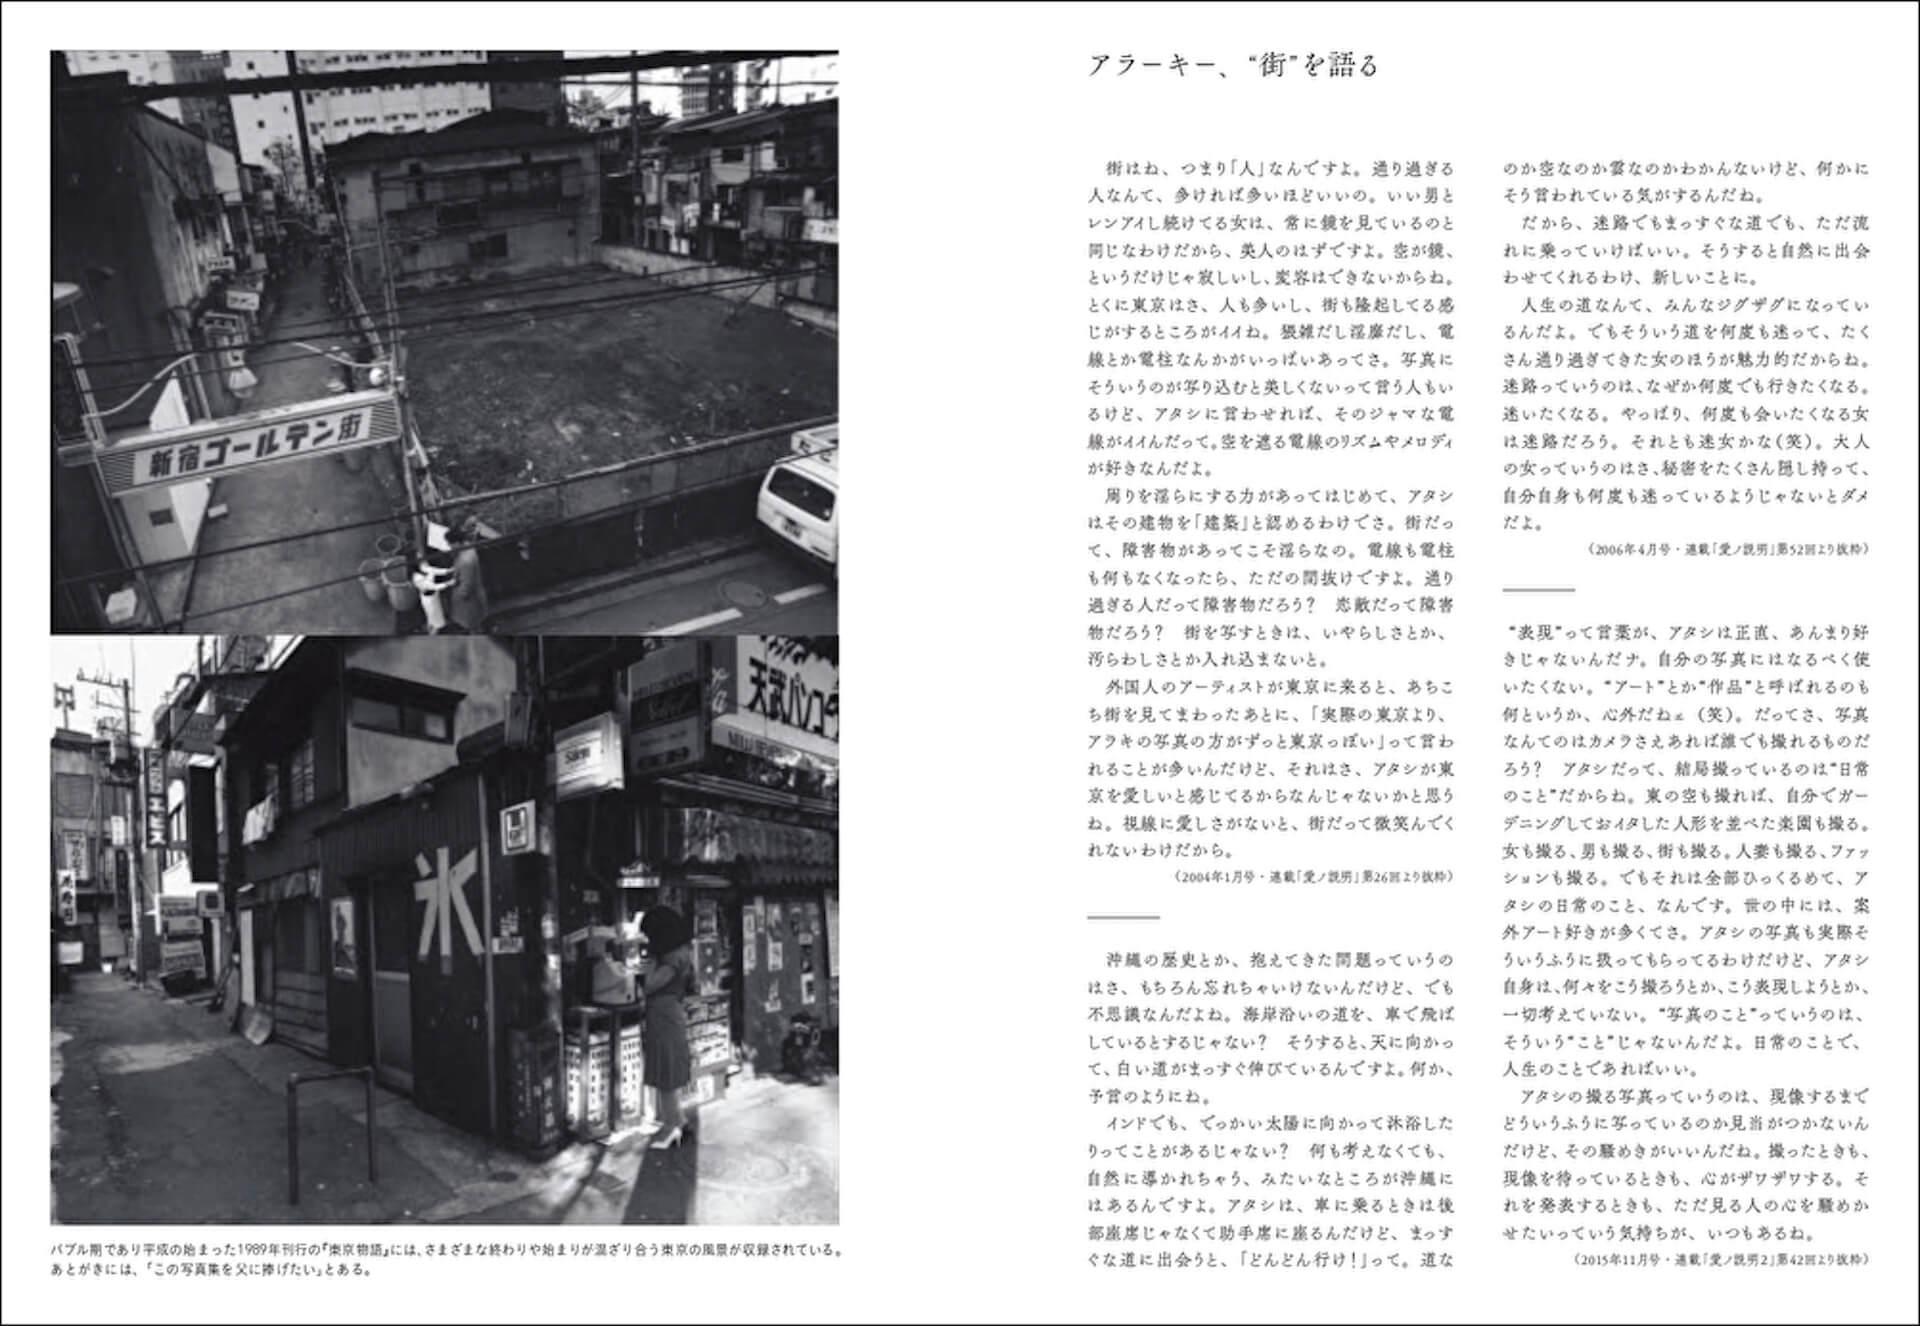 """""""アラーキー""""こと写真家・荒木経惟の20年間の名言と生涯の名作を集めた保存版「写真言集」が81歳の誕生日に発売! art210525_nobuyoshi-araki-210525_4"""